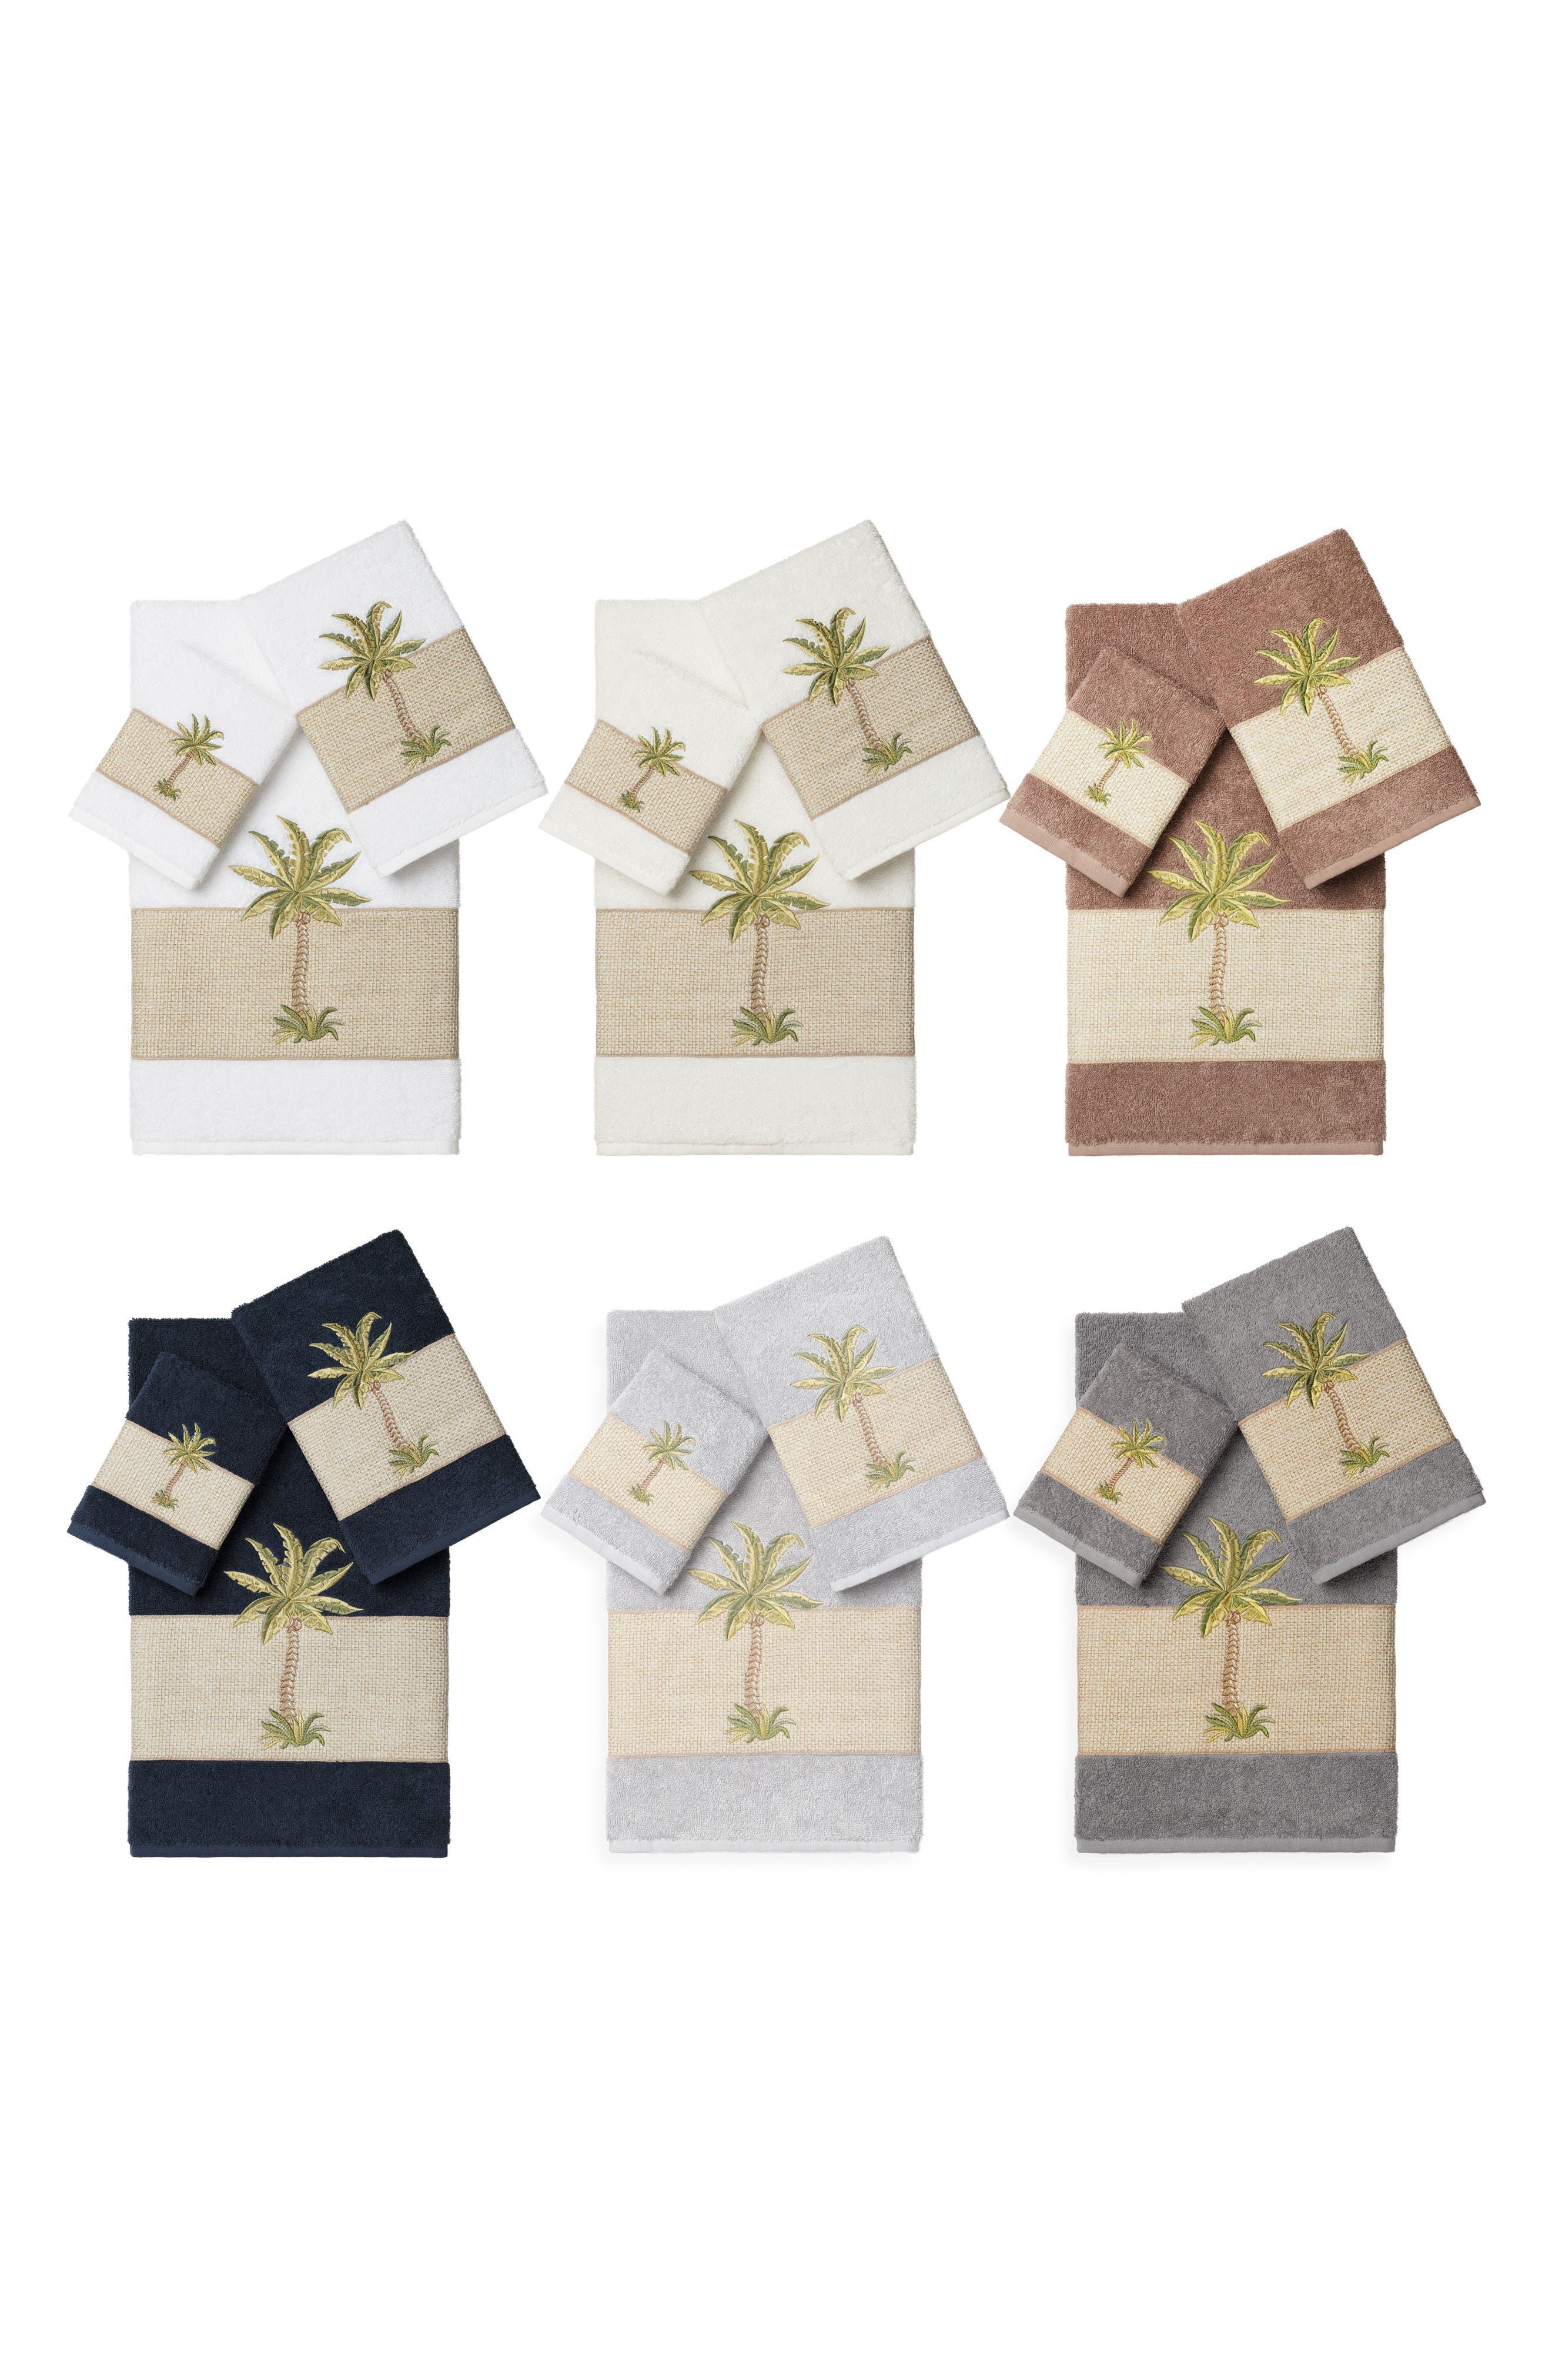 Colton 3-Piece Turkish Cotton Towel Set,                             Alternate thumbnail 3, color,                             Cream